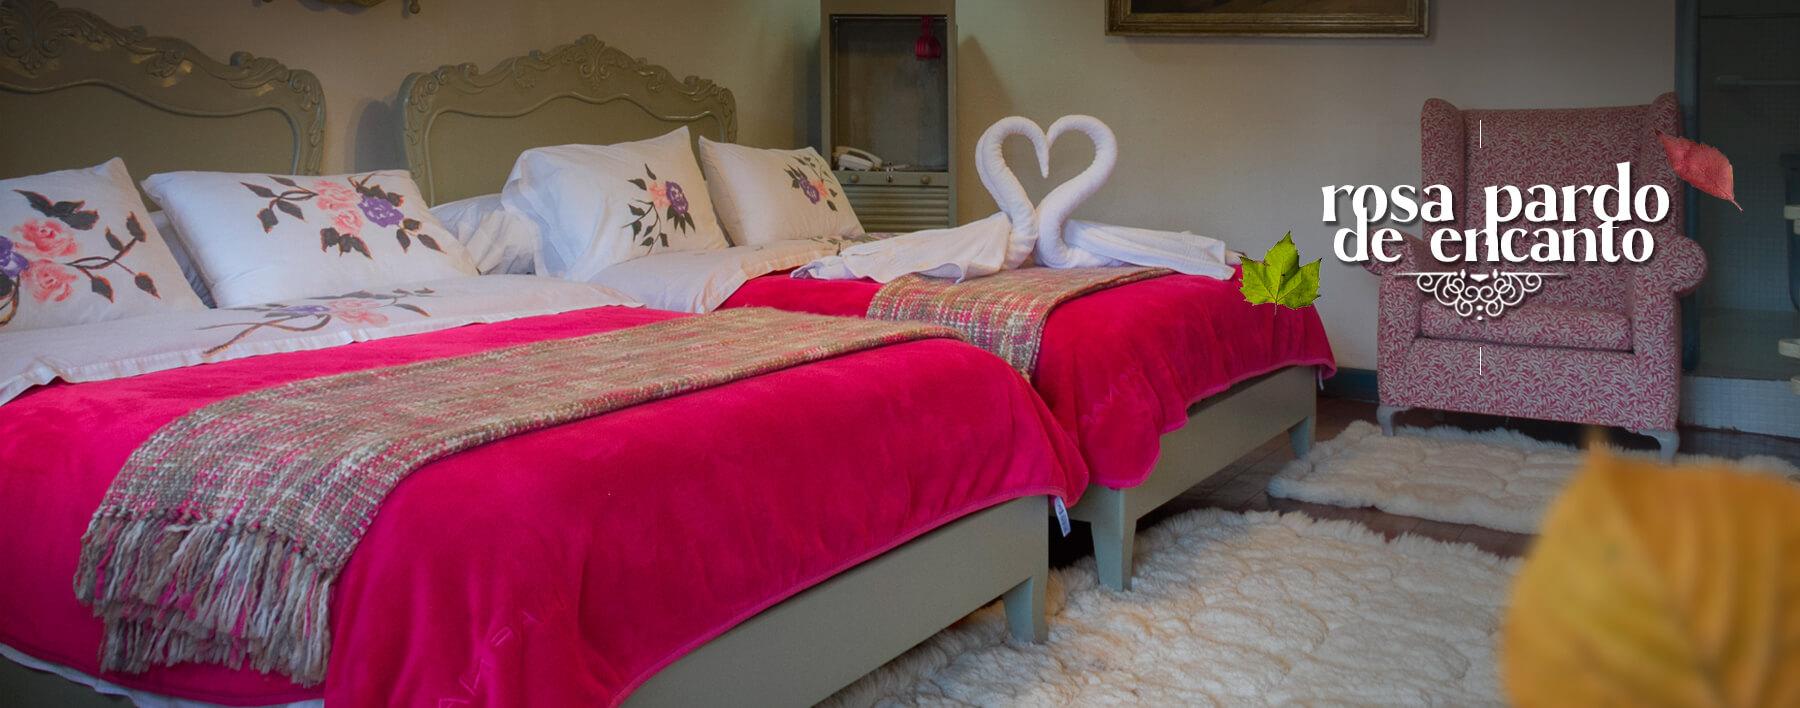 hotel-boutique-casa-de-hacienda-su-merced-habitacion-vida-rosa-banner